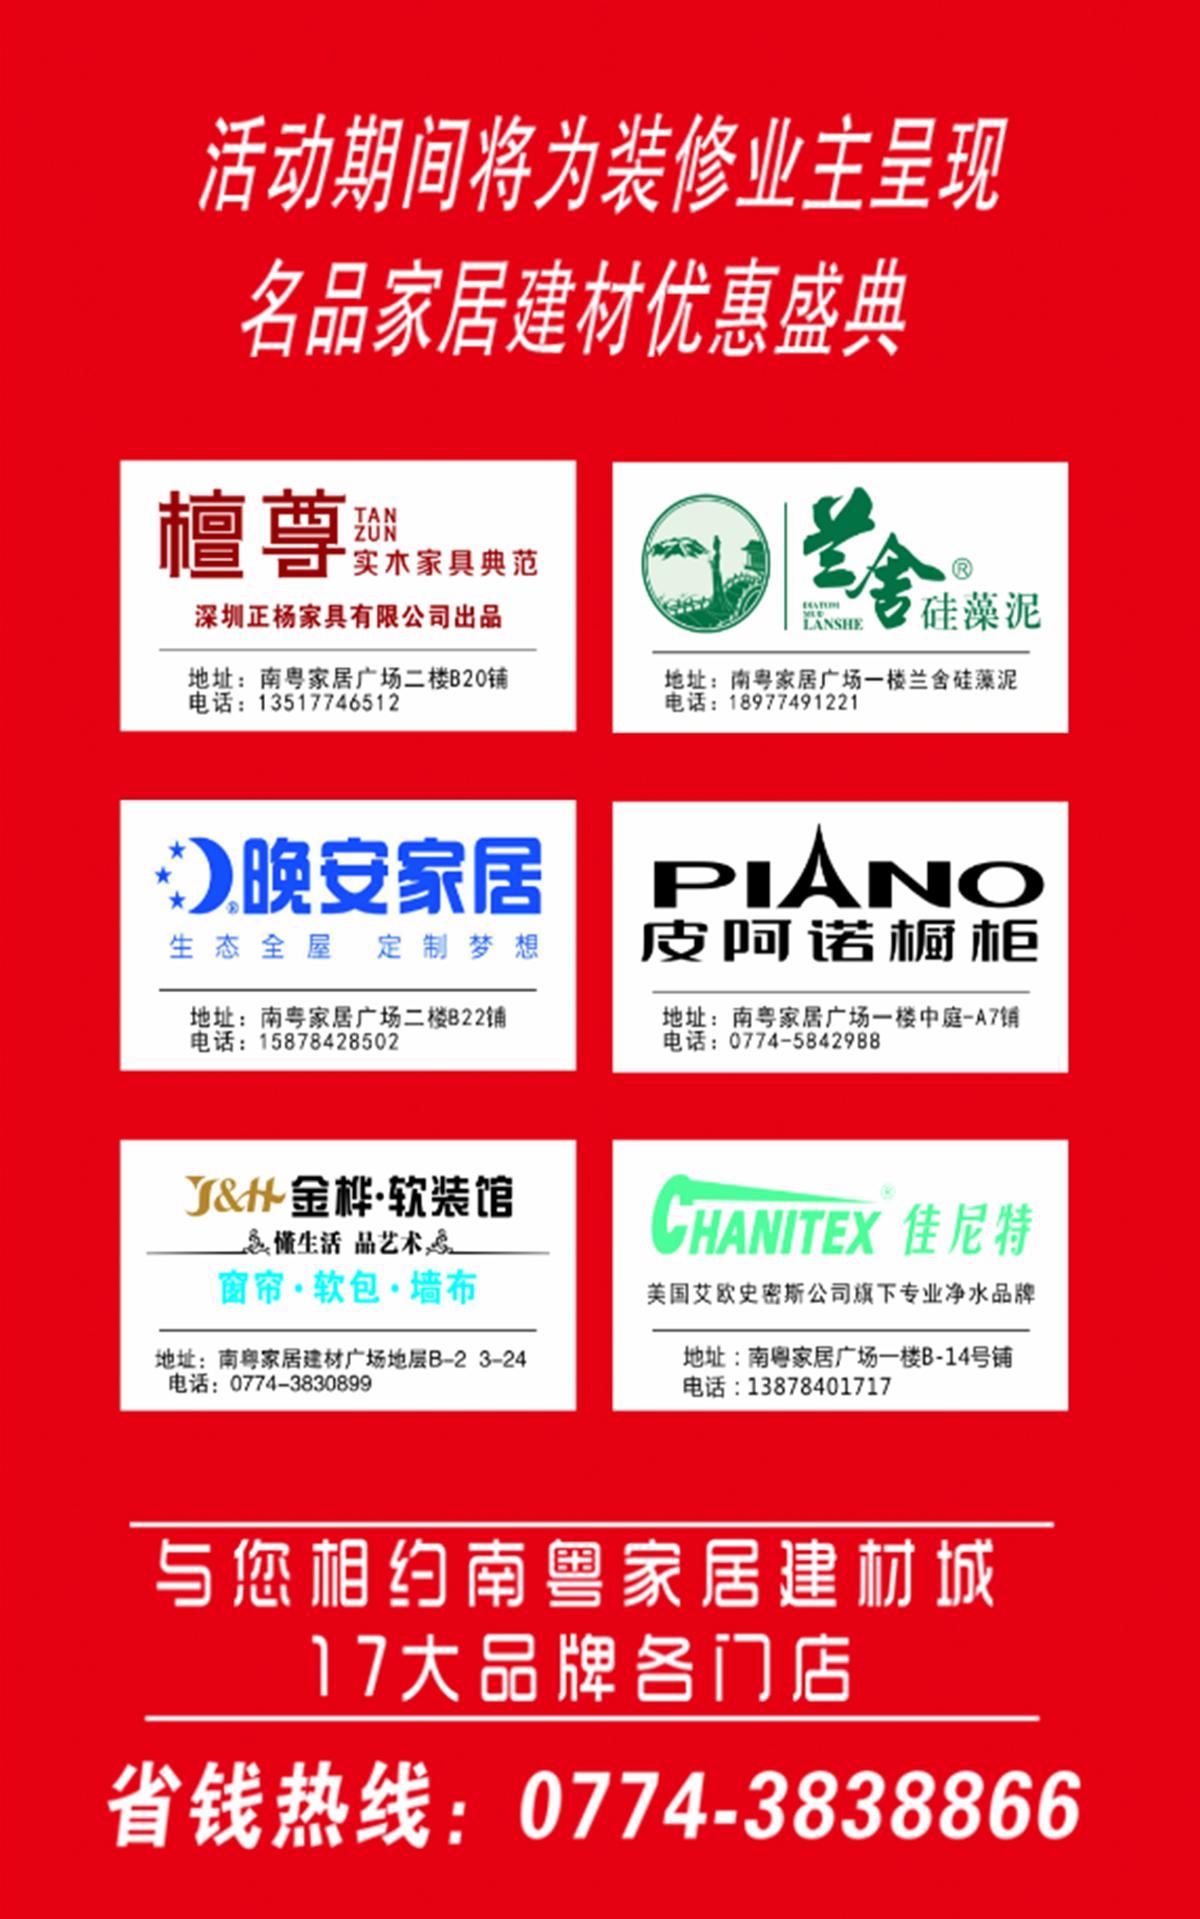 南粤家居建材城十七大品牌年中大促盛典2.png